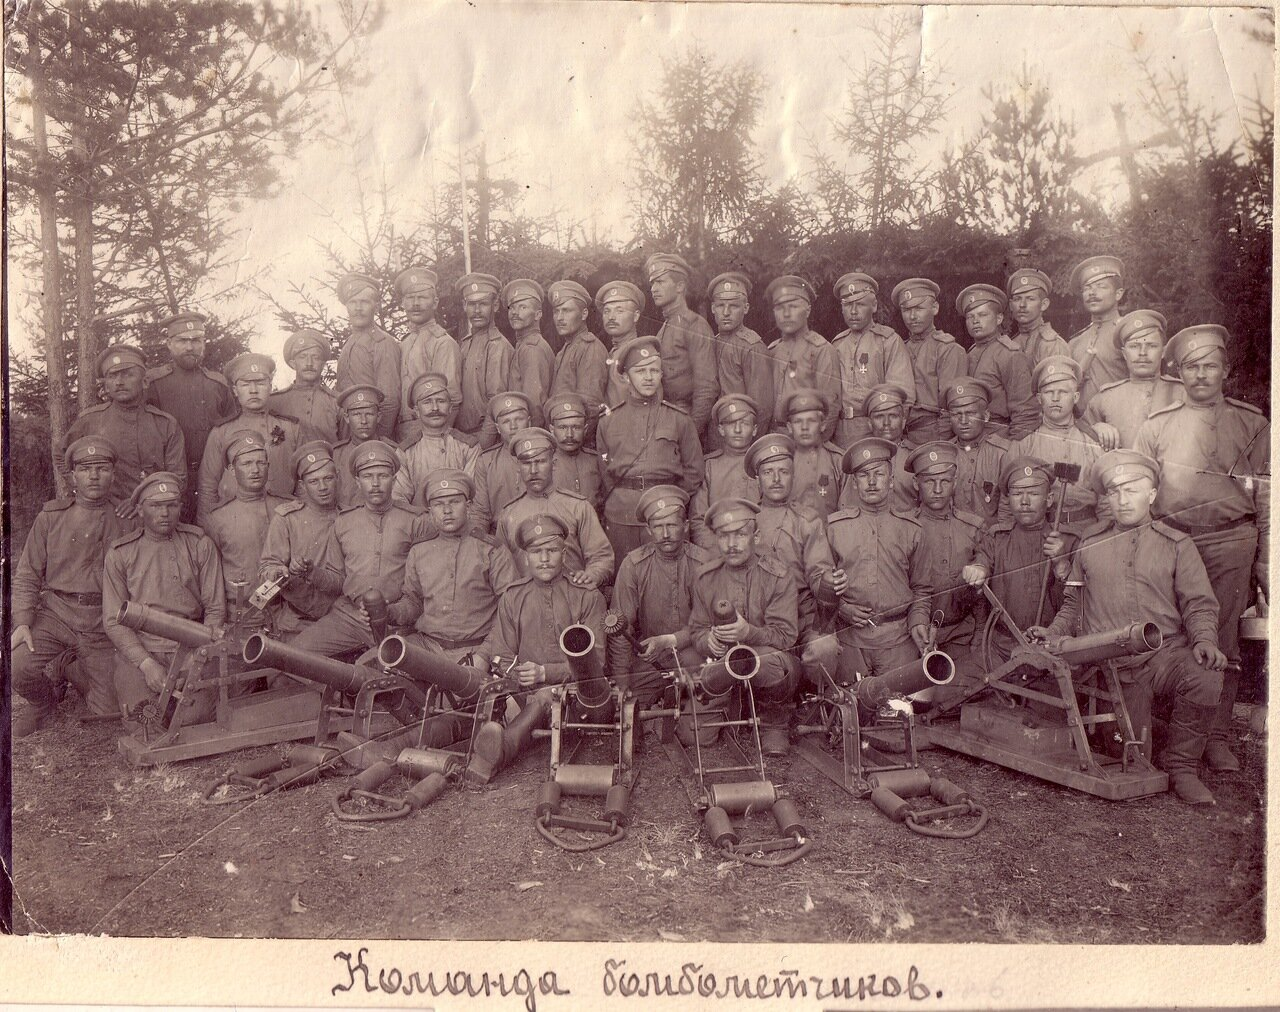 Команда бомбометчиков. 1916